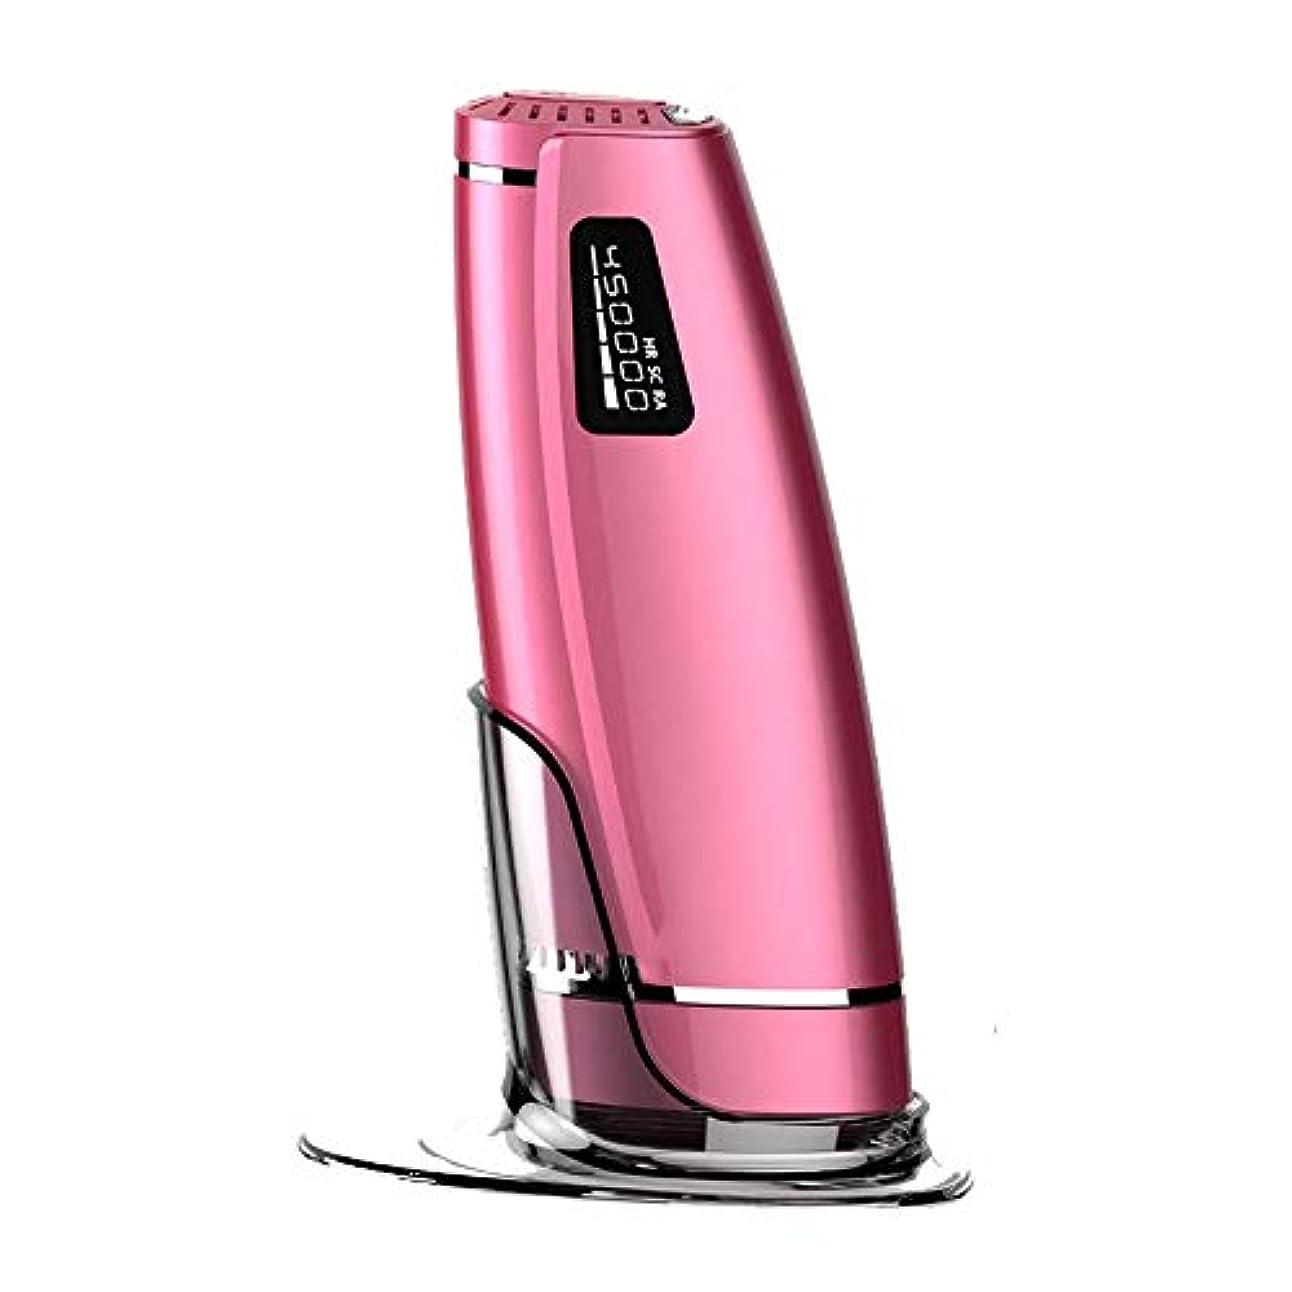 同行きょうだいスピン携帯用永久的な毛の除去剤、ピンク、デュアルモード、自動痛みのない毛の除去剤、5スピード調整、サイズ20.5 X 4.5 X 7 Cm 安全性 (Color : Pink)